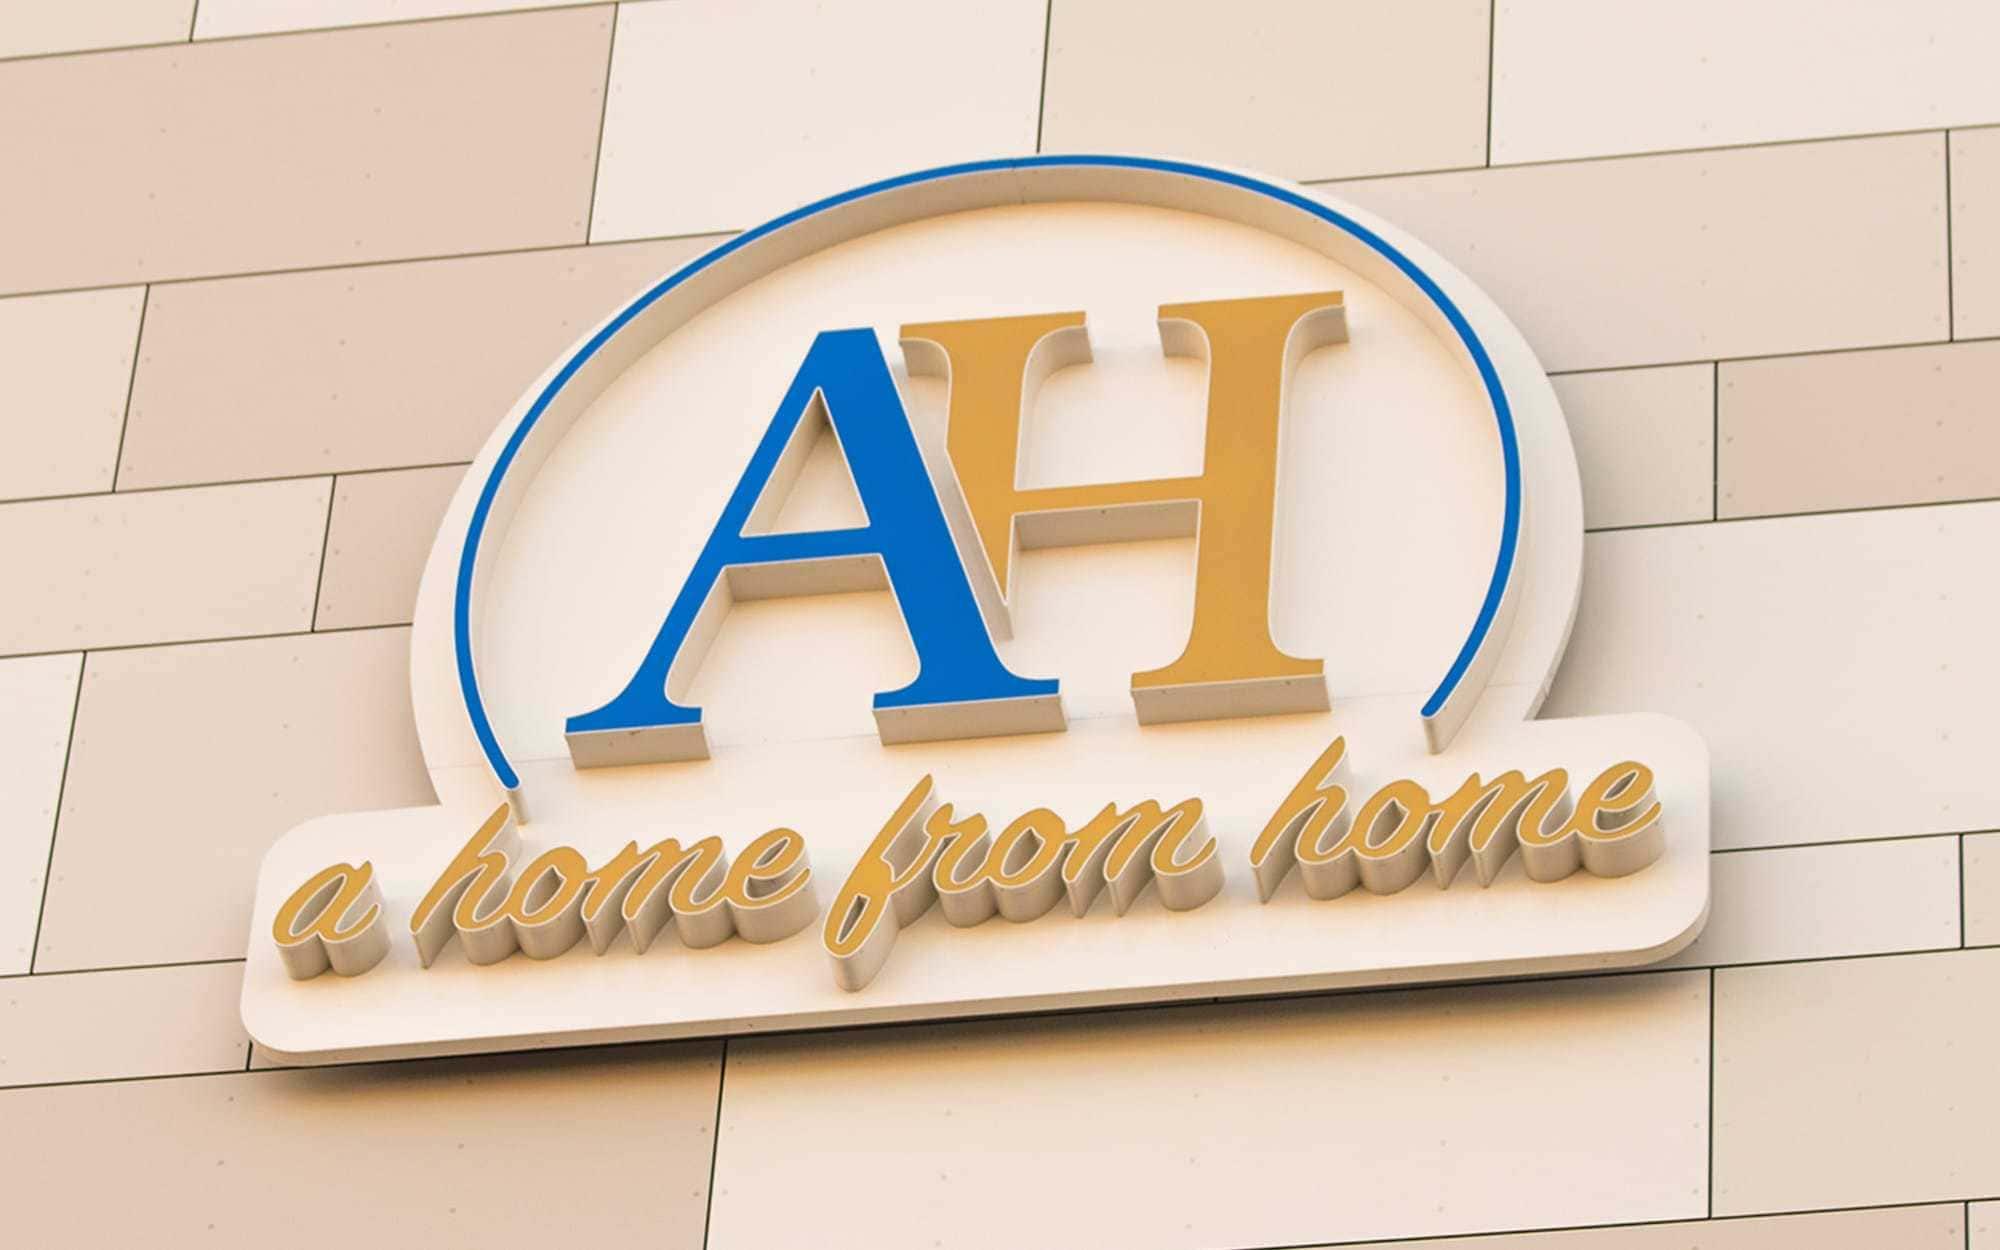 LED-Buchstaben in Profil 5 gefertigt. Die Buchstaben haben einen Körper aus lackiertem Aluminium und Fronten aus Plexiglas. Gefertigt für das Apartment Hotel in Hamburg